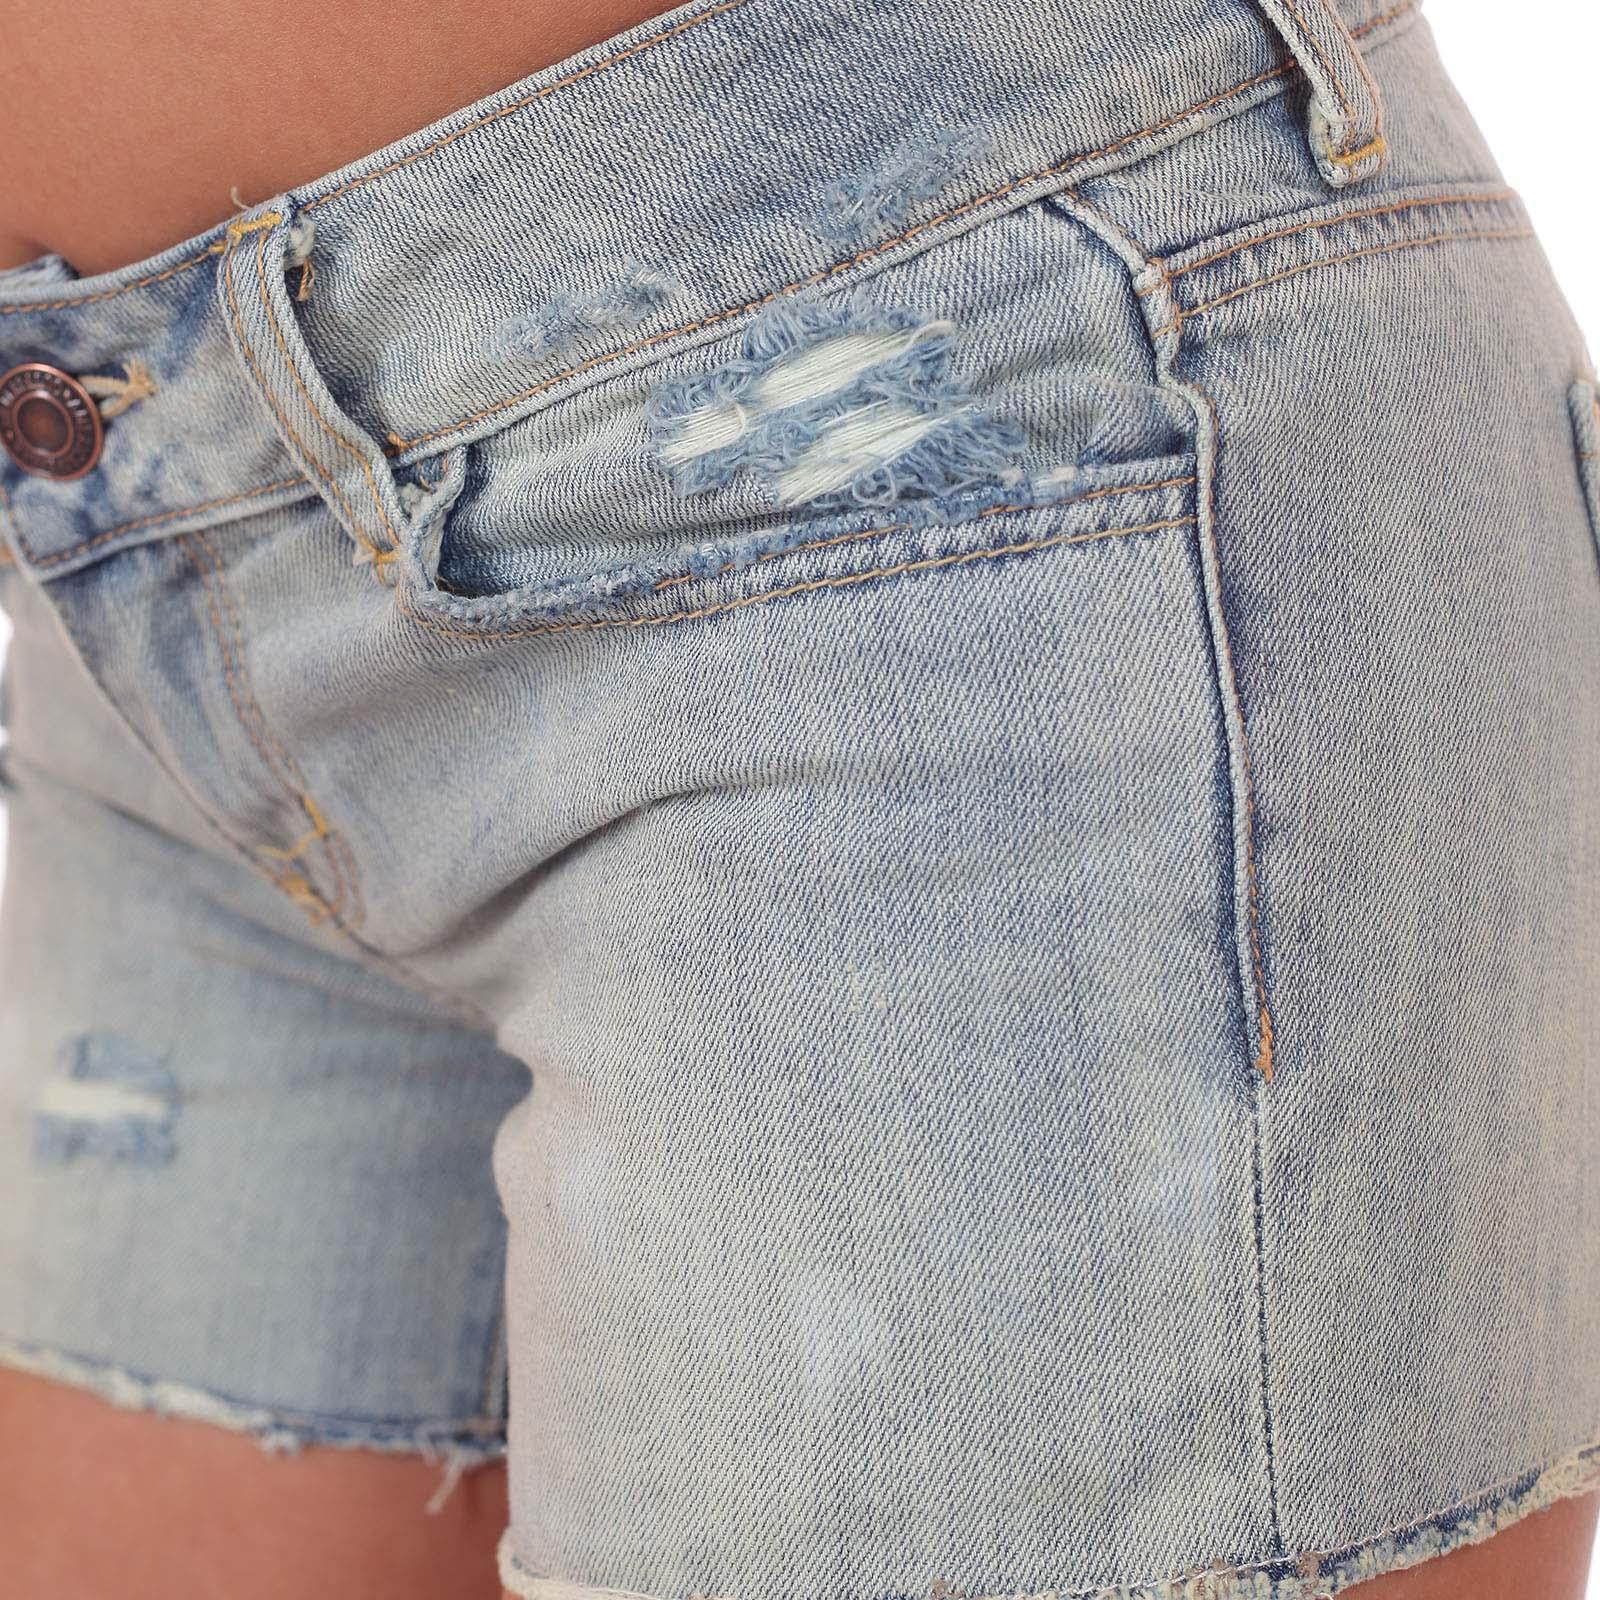 Шортики American Eagle - обрезанные затёртые джинсы из крутого материала за 45 $ в магазинах Америки в Военпро